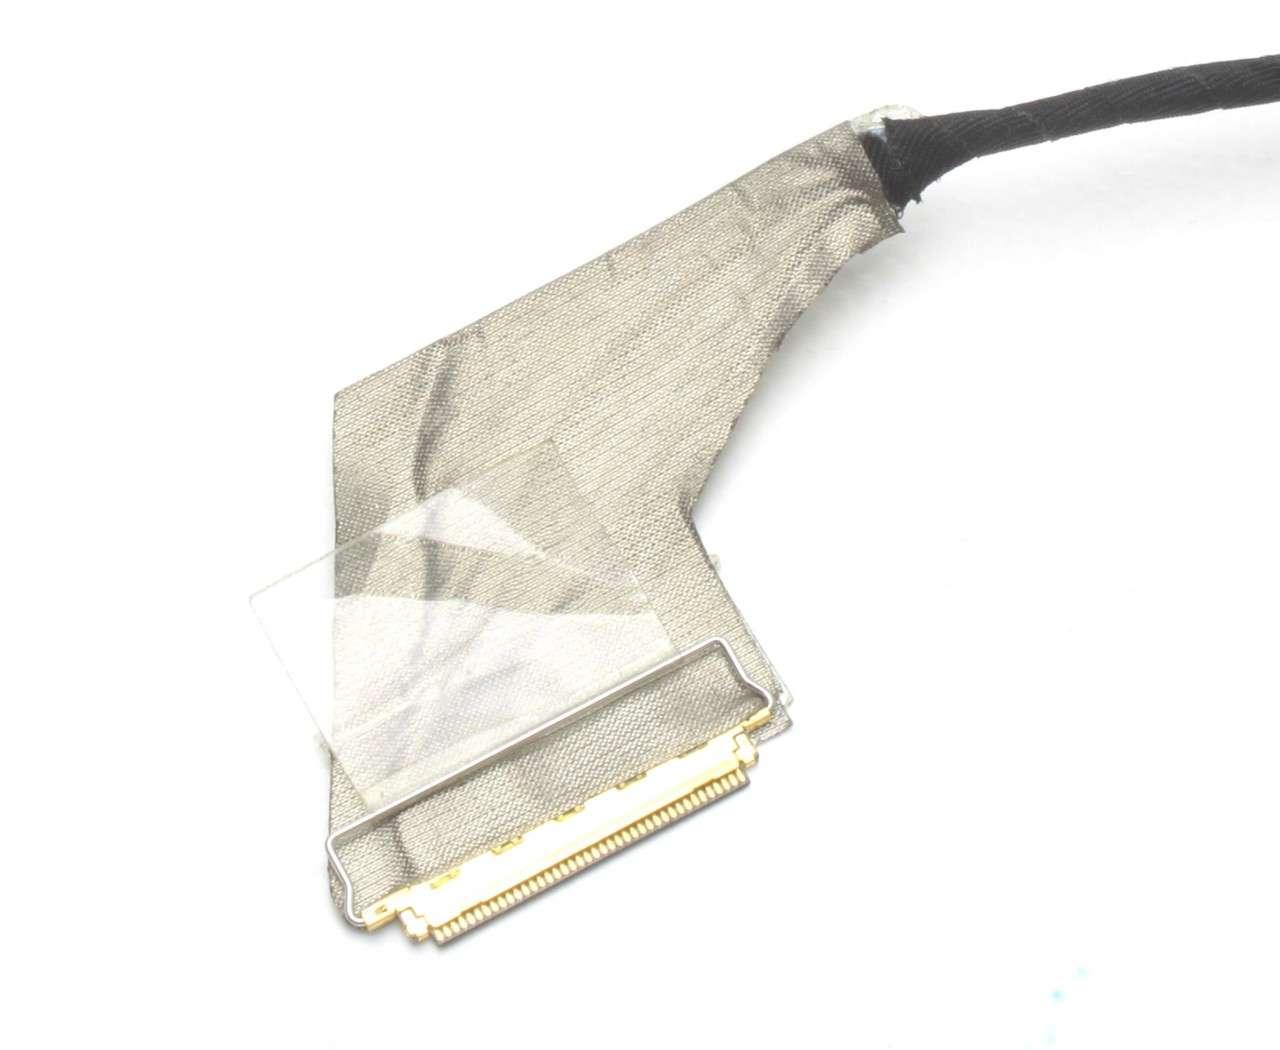 Cablu video LVDS MSI K19 3017005 v03 imagine powerlaptop.ro 2021